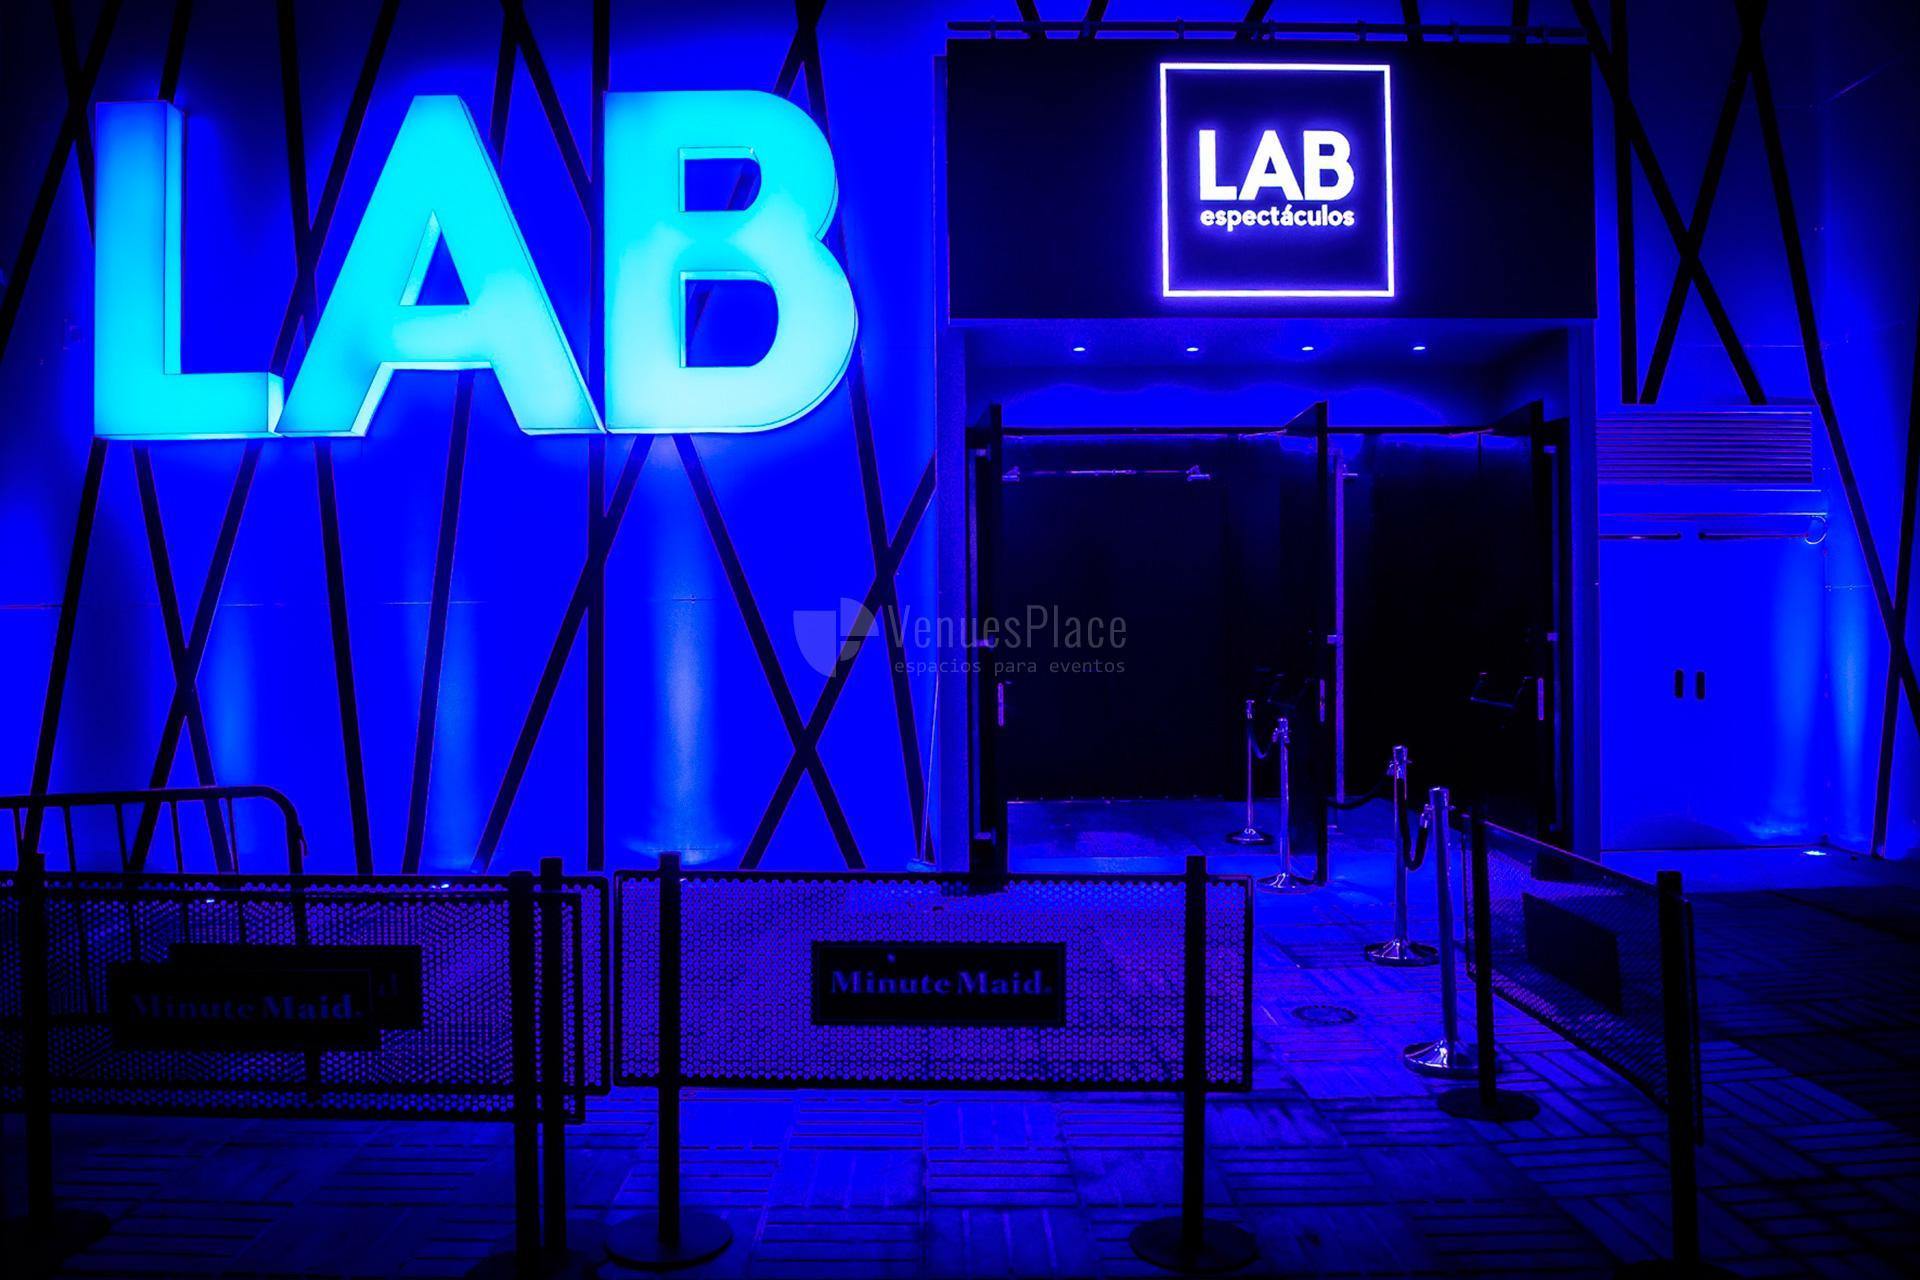 Espacio Lab - Pabellón multiusos en Rolling- Lab MEEU